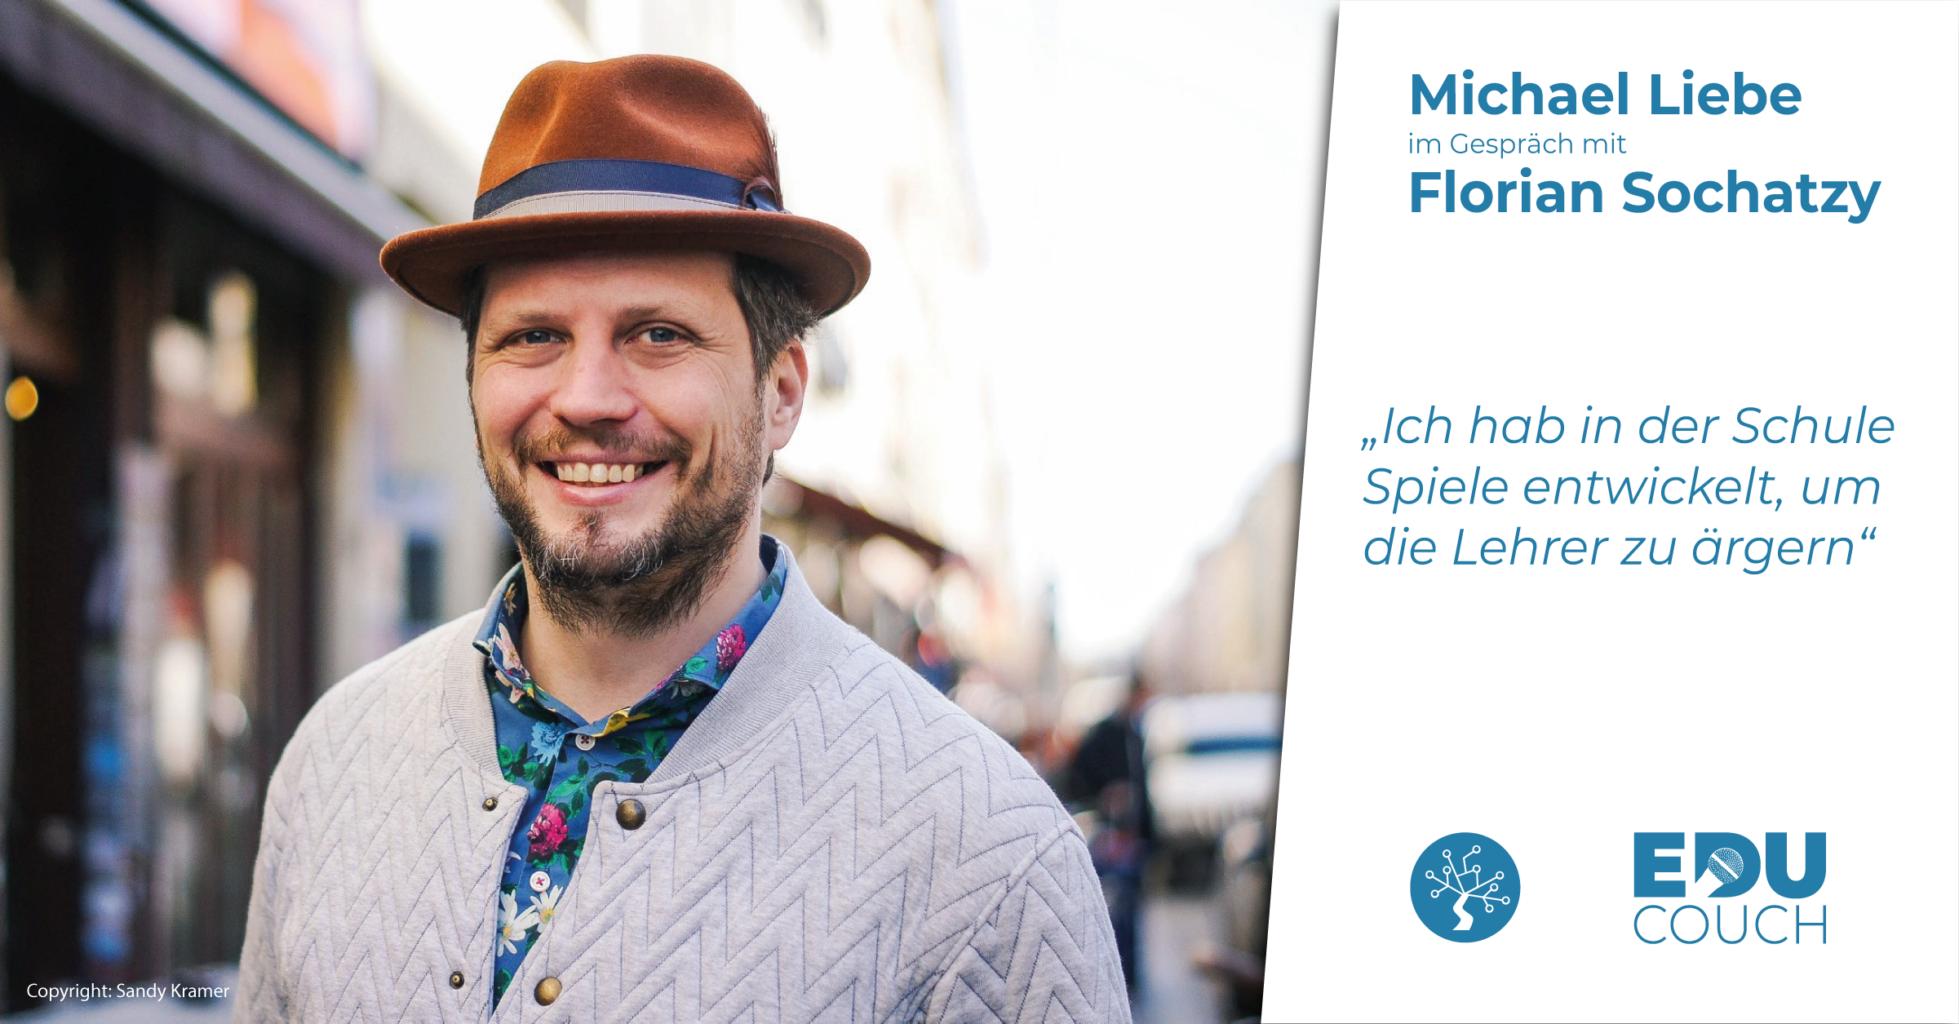 Micheal Liebe im Gespräch mit Florian Sochatzy bei der EduCouch